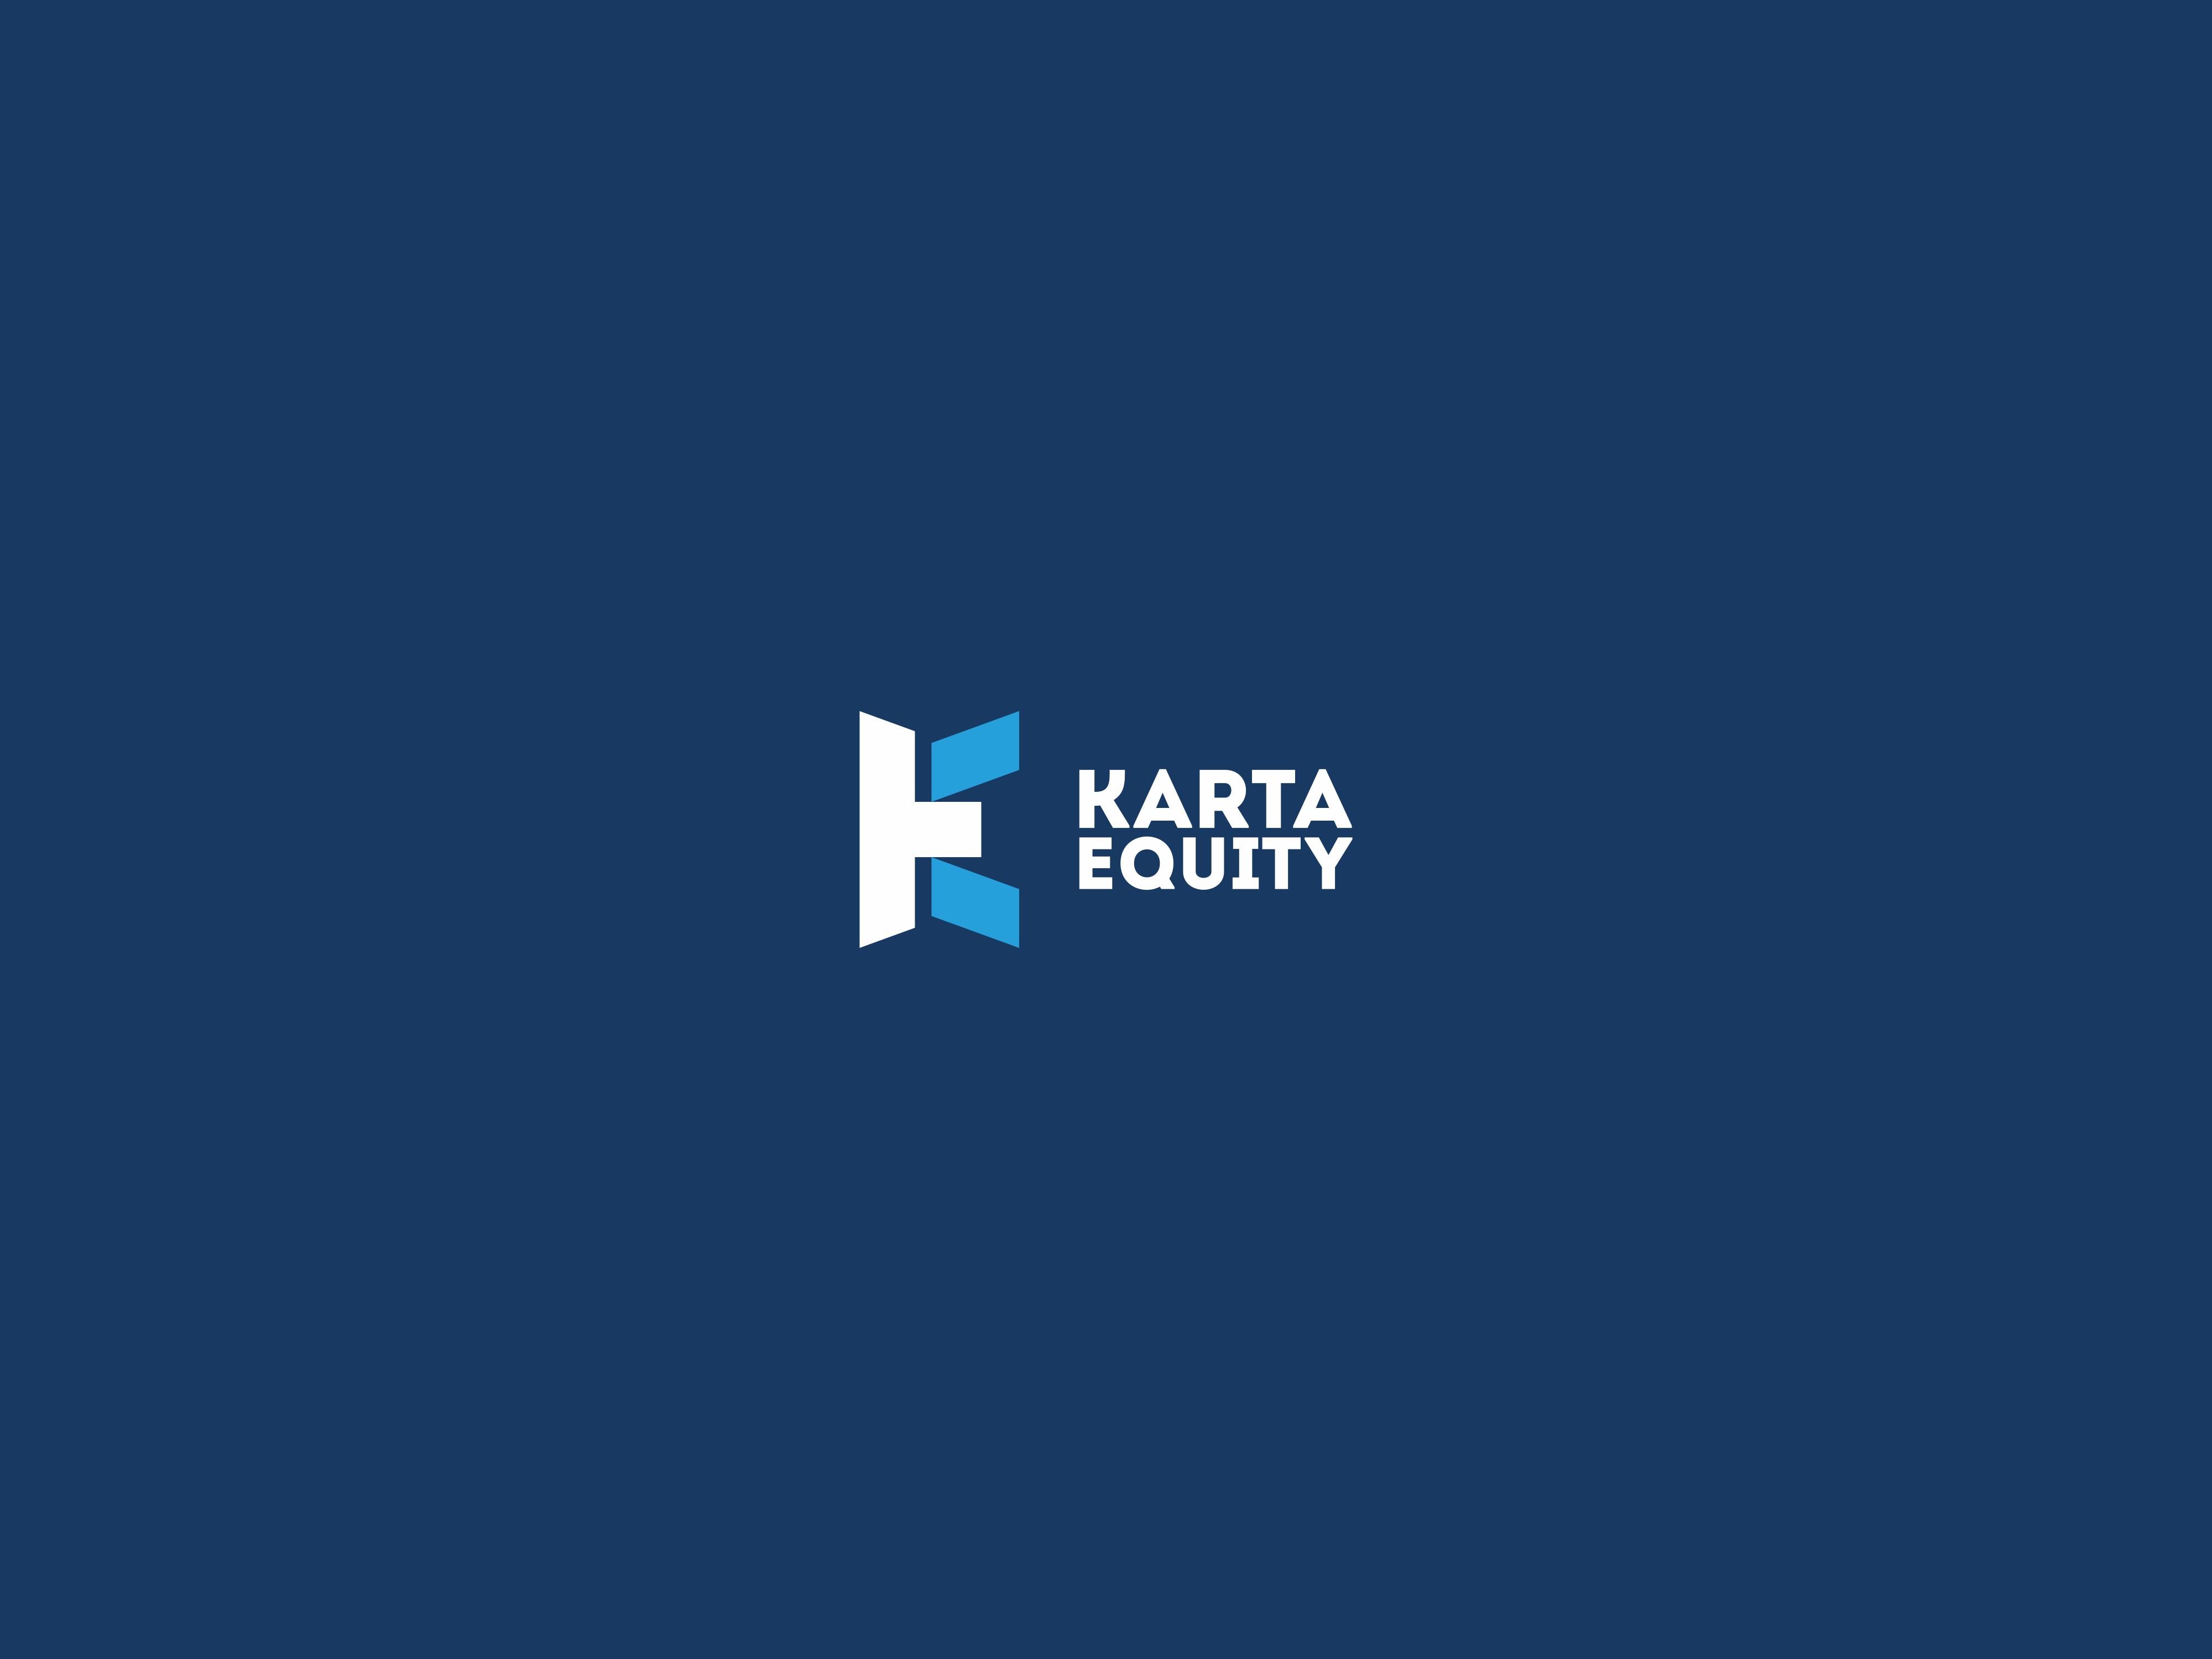 Логотип для компании инвестироваюшей в жилую недвижимость фото f_8295e1a00f2799c5.png